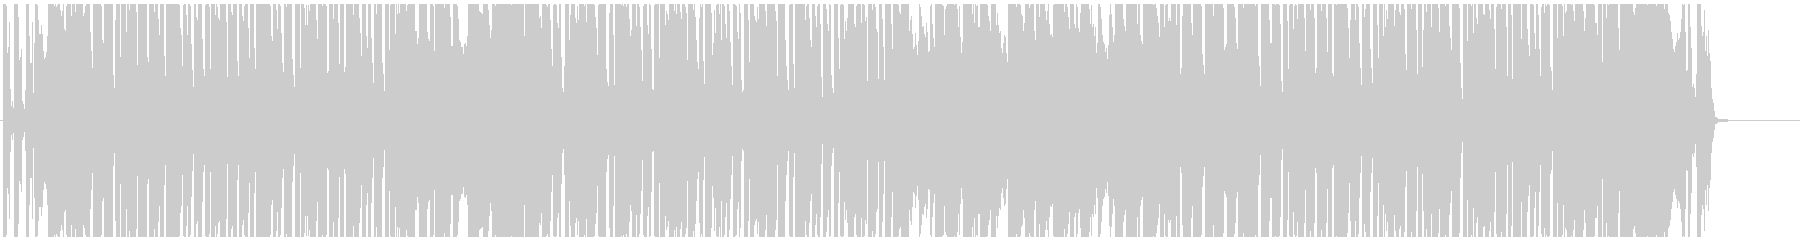 エレクトロ スウィング  ジャズの未再生の波形